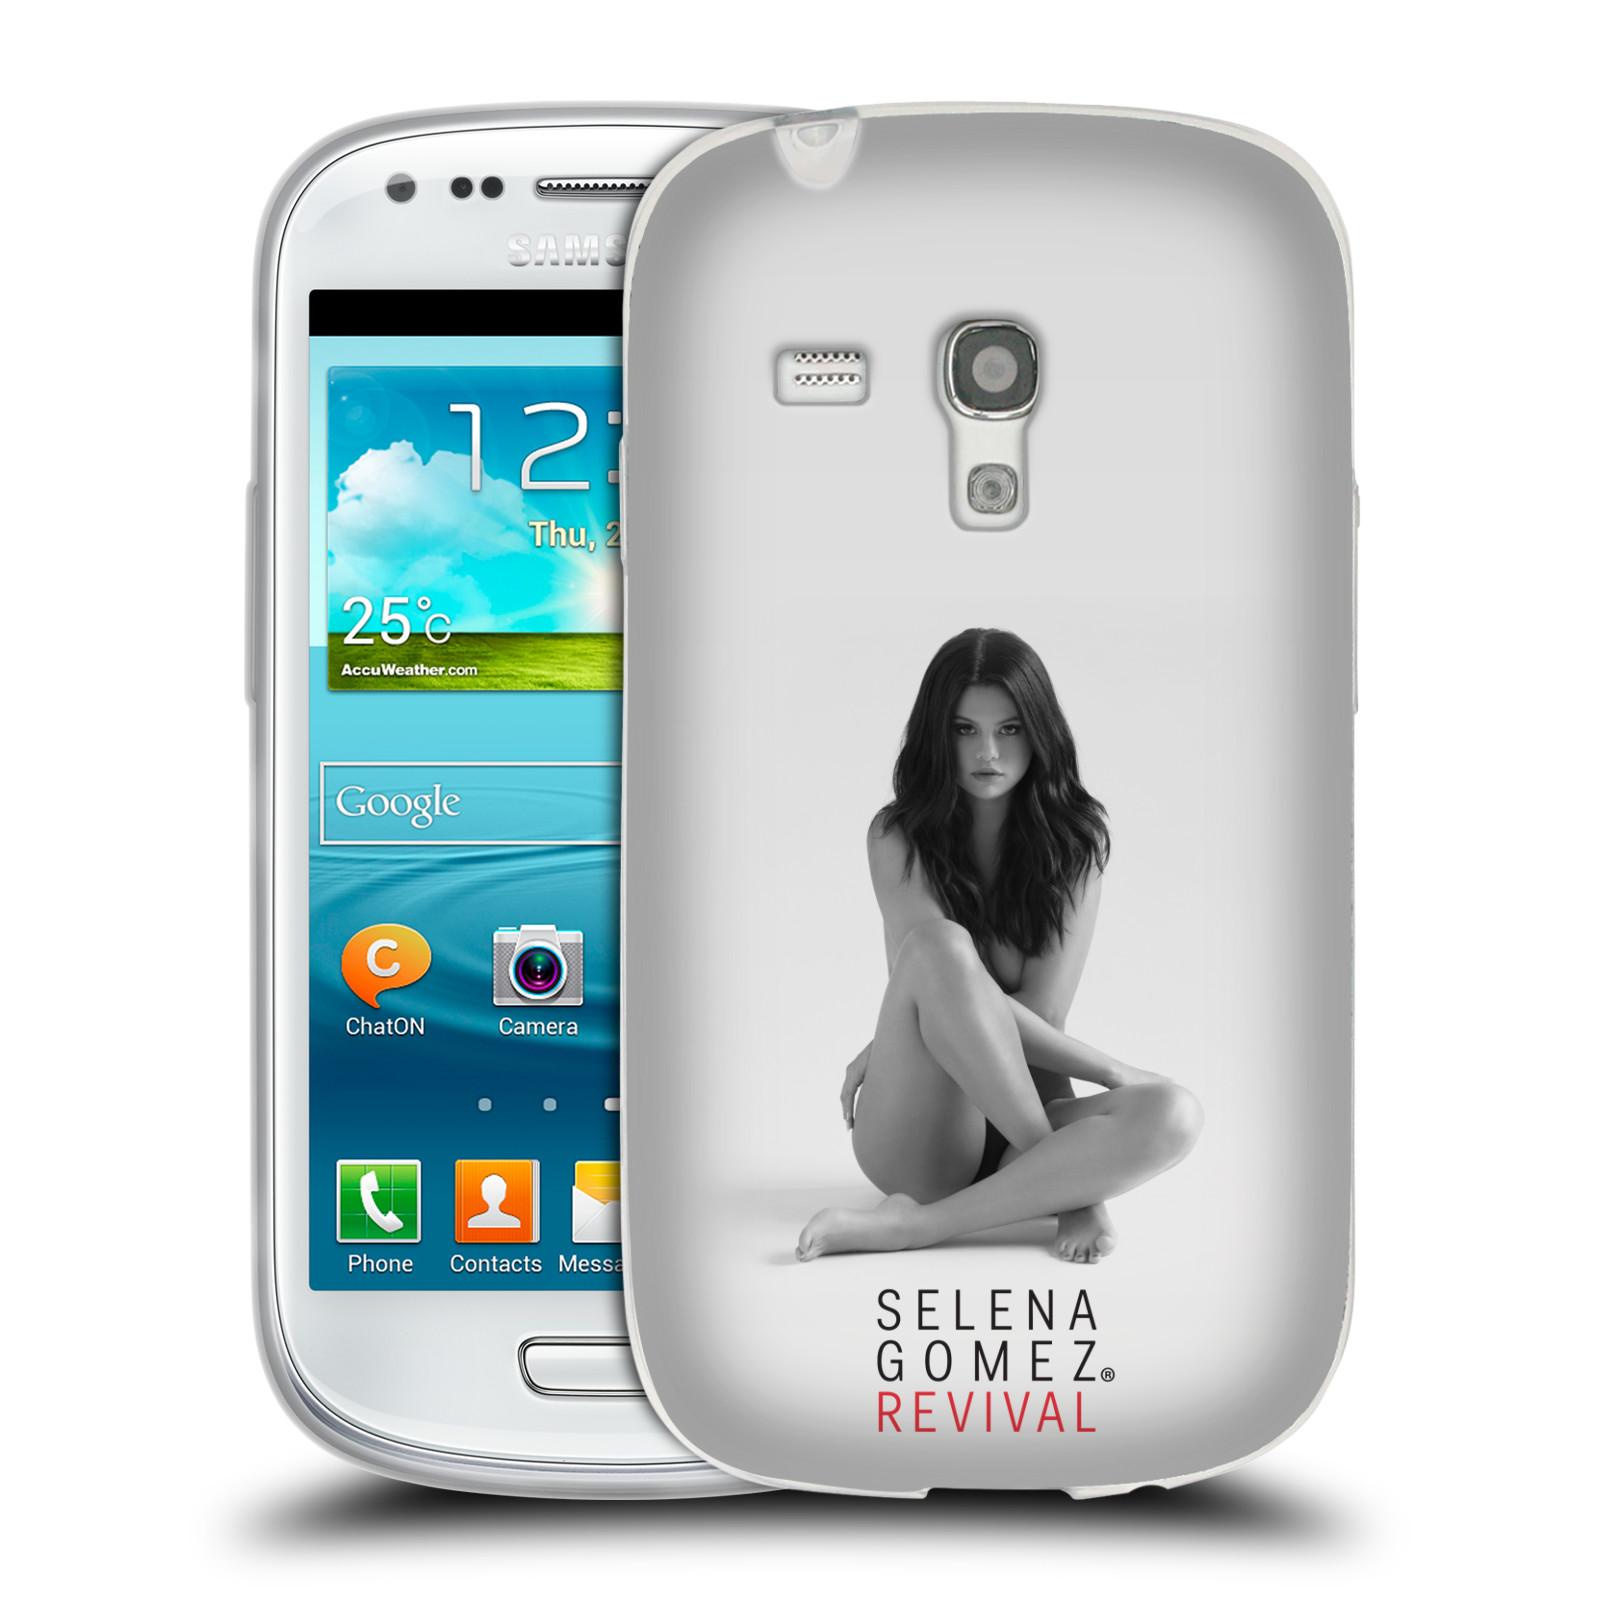 HEAD CASE silikonový obal na mobil Samsung Galaxy S3 MINI Zpěvačka Selena Gomez foto Revival